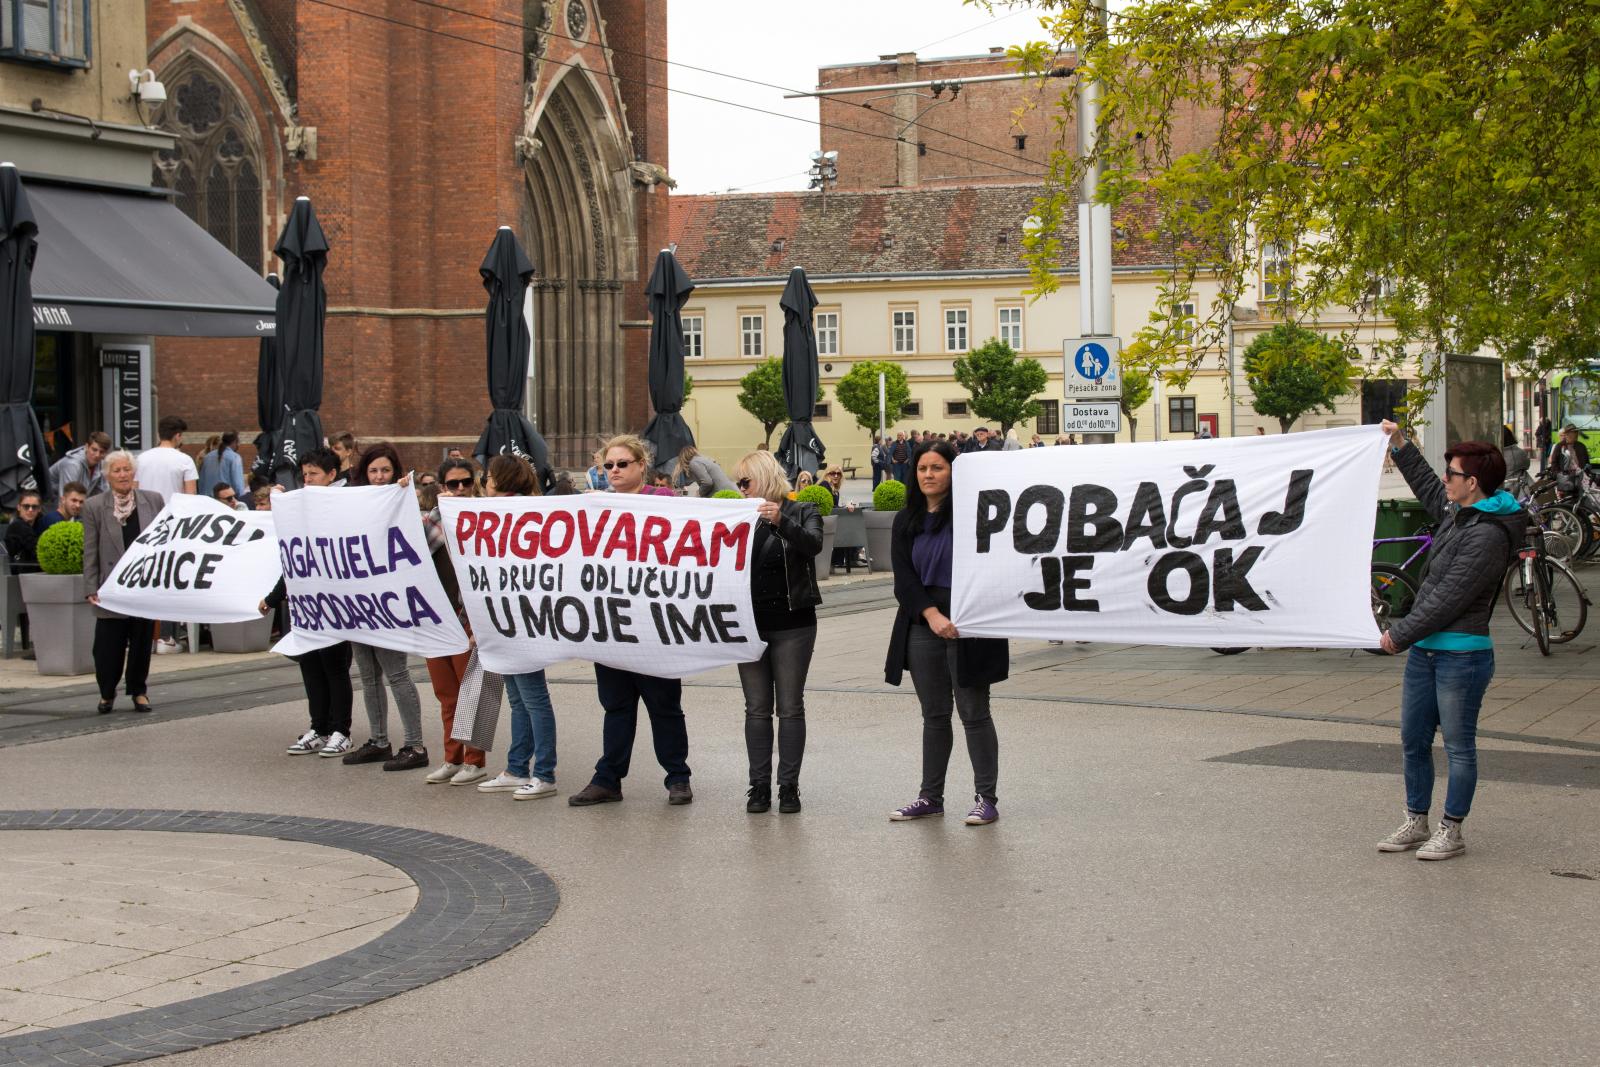 Žene nisu ubojice - grupa žena protiv tzv. Hoda za život u Osijeku